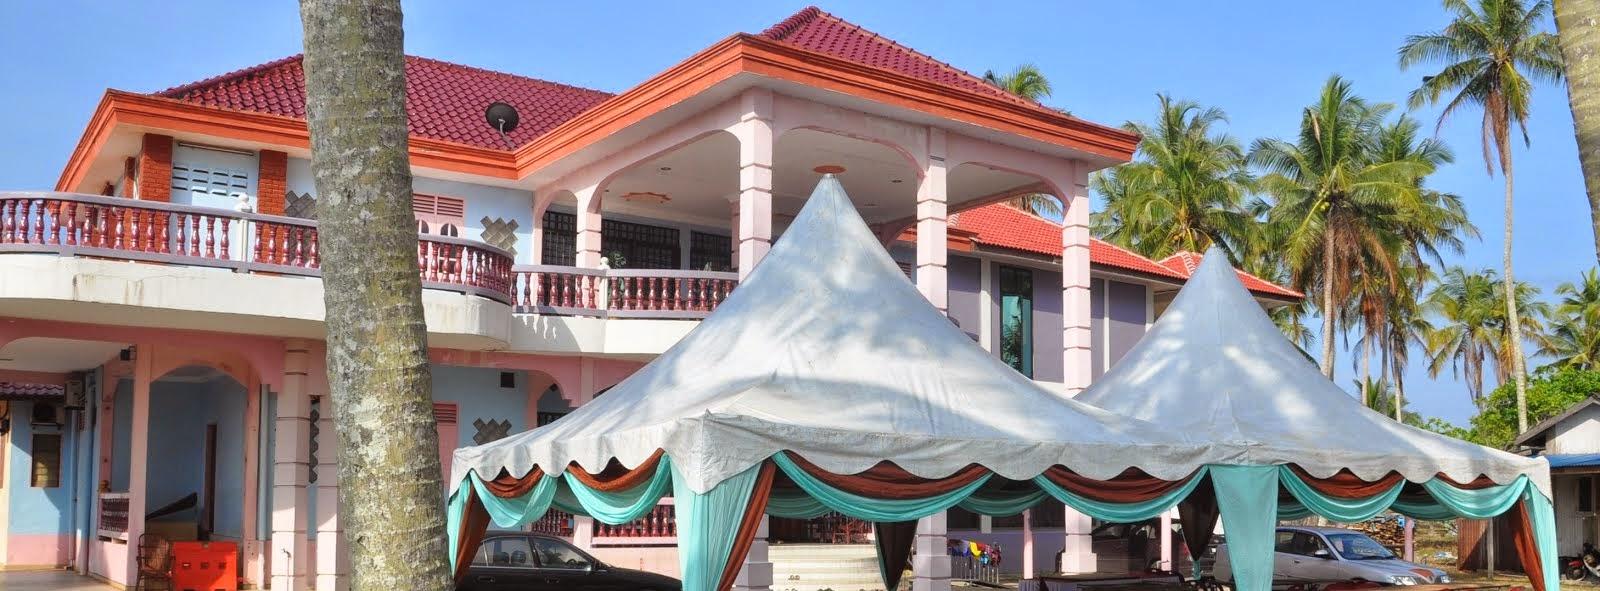 sewaan canopy Terengganu